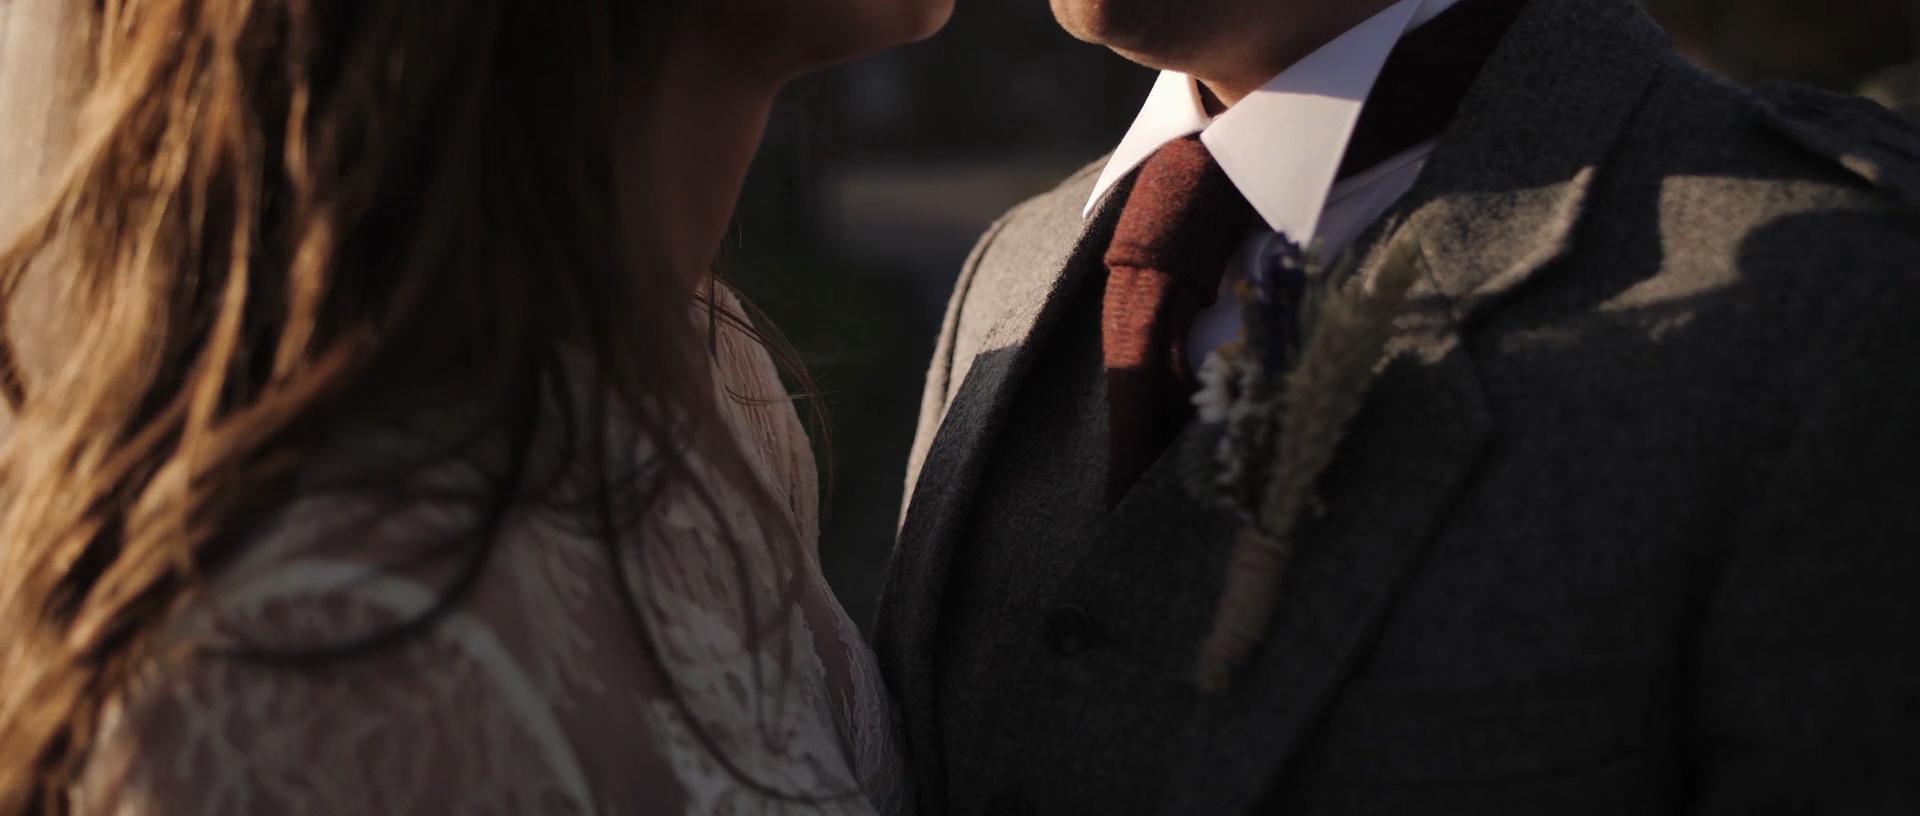 secret-herb-garden-wedding-videographer_LL_04.jpg